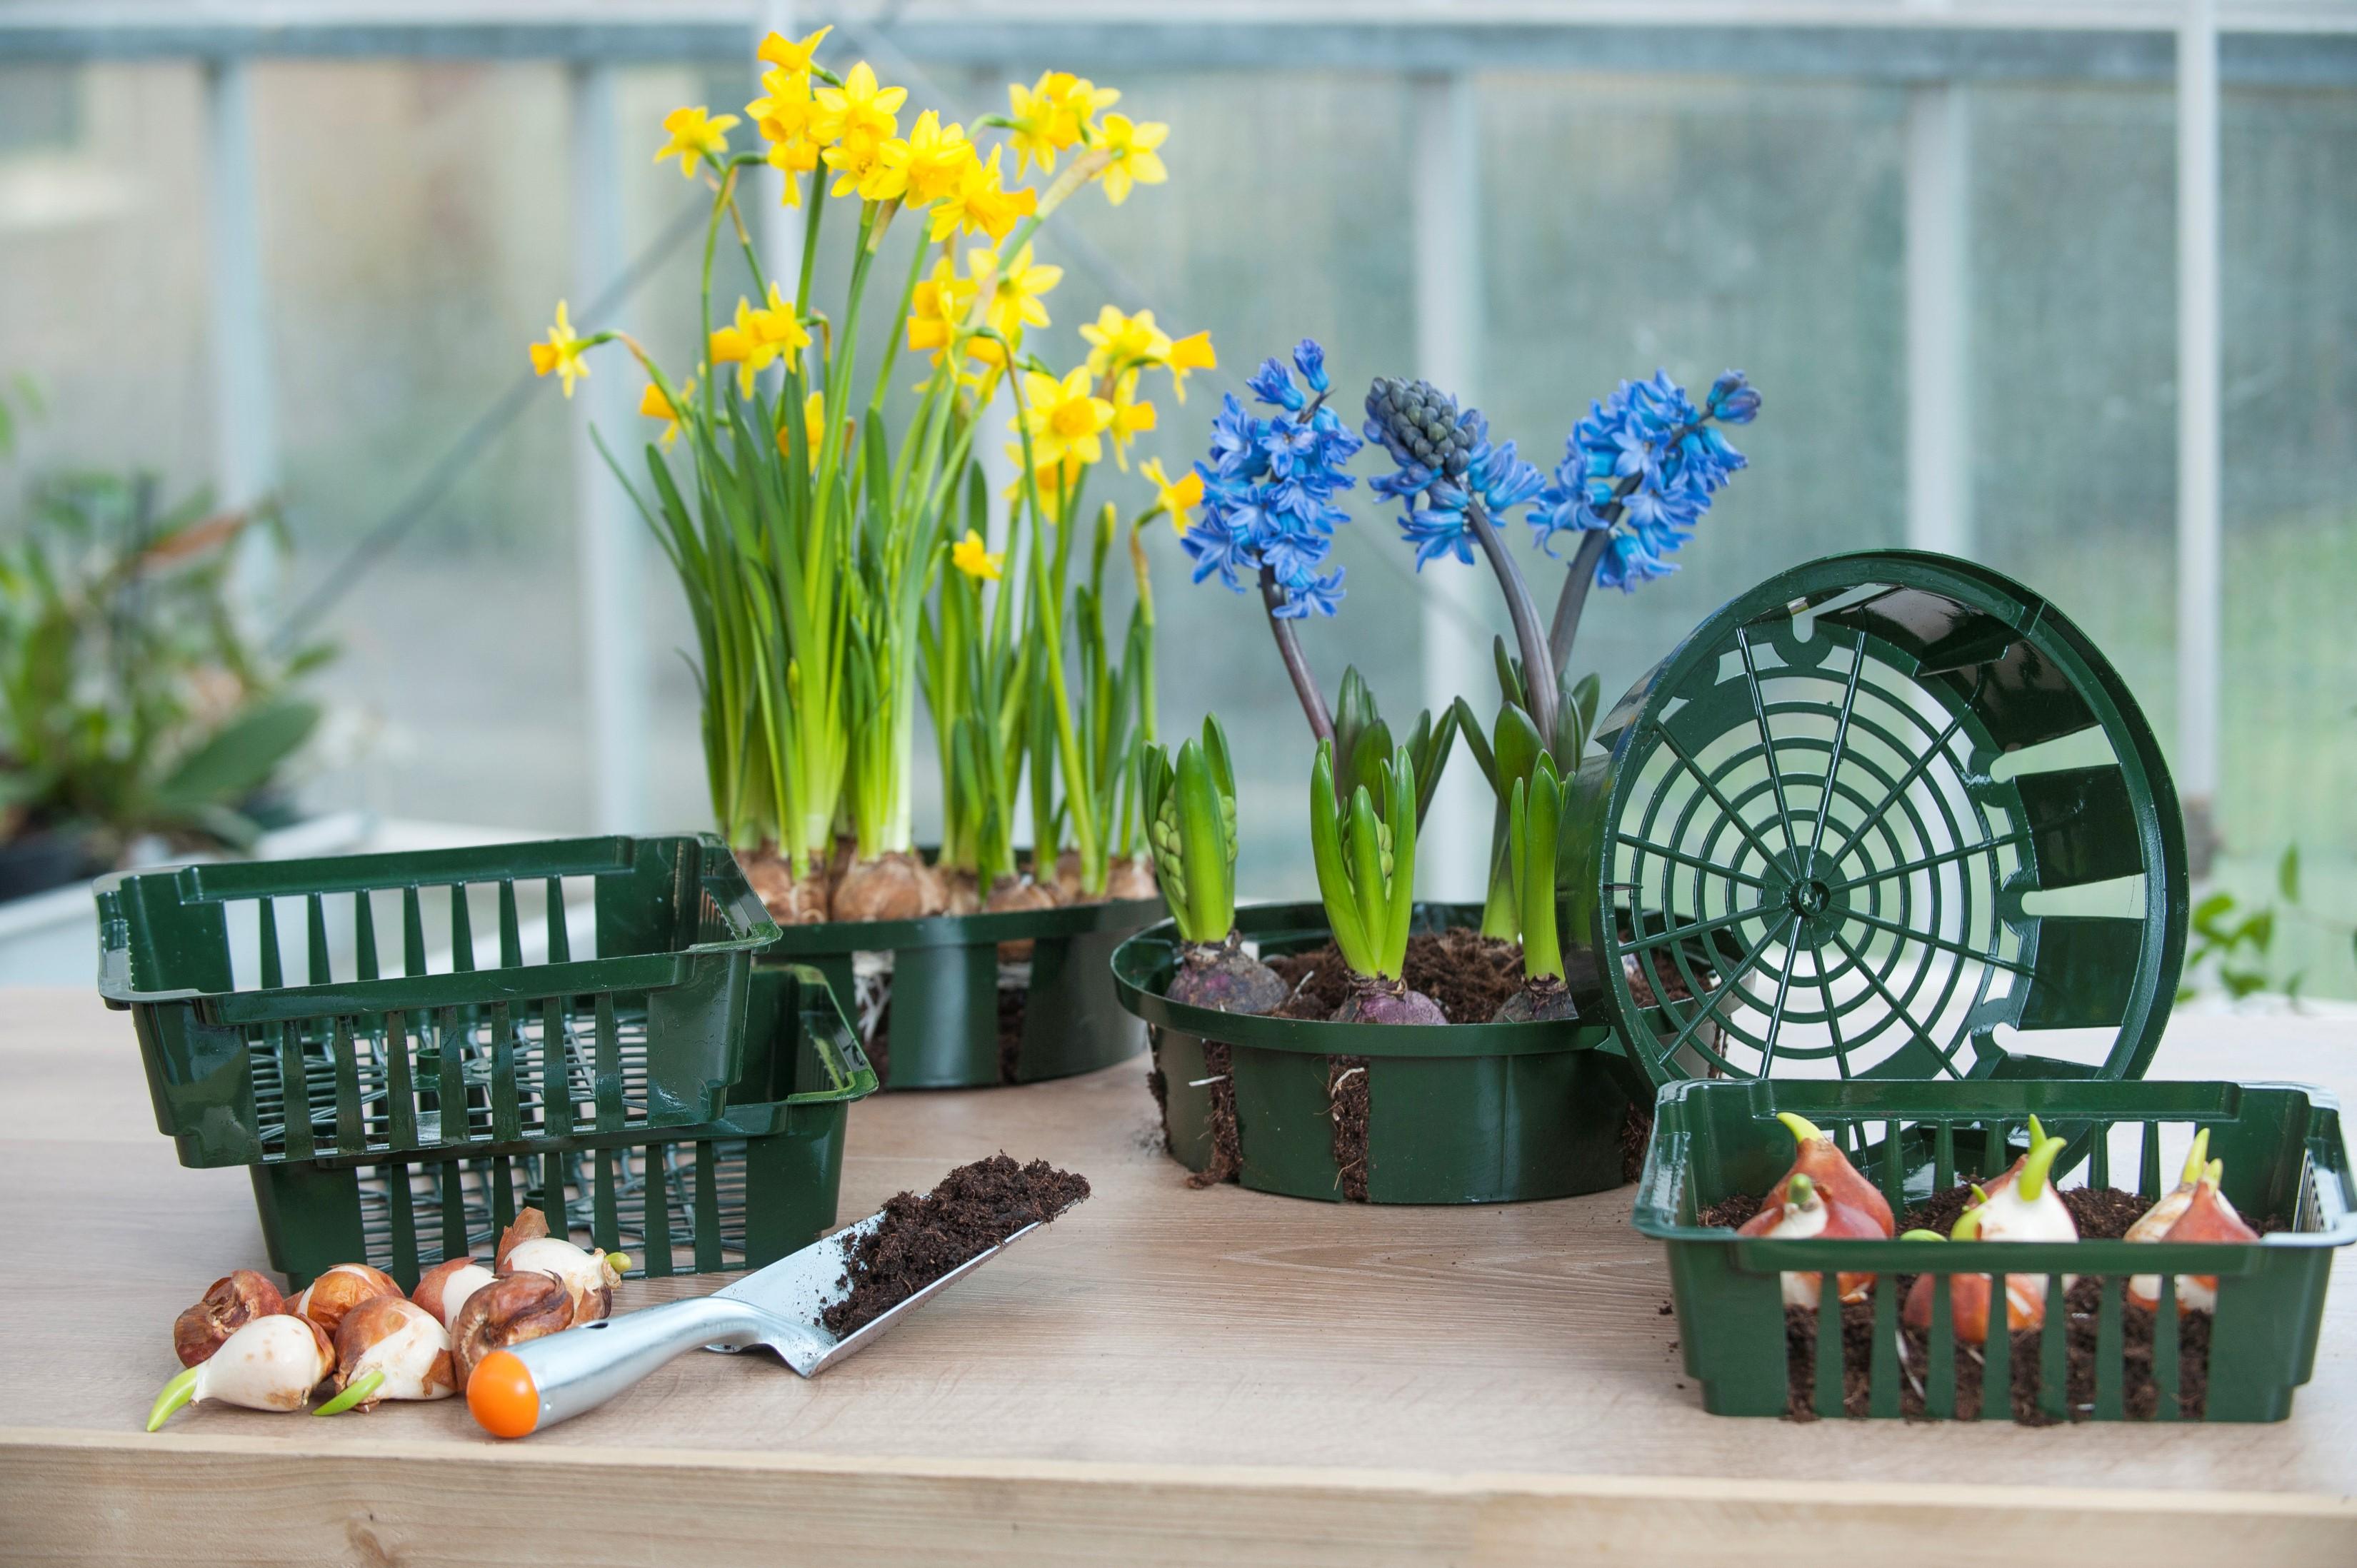 Tavaszi tennivalók, hogy szép legyen a kert